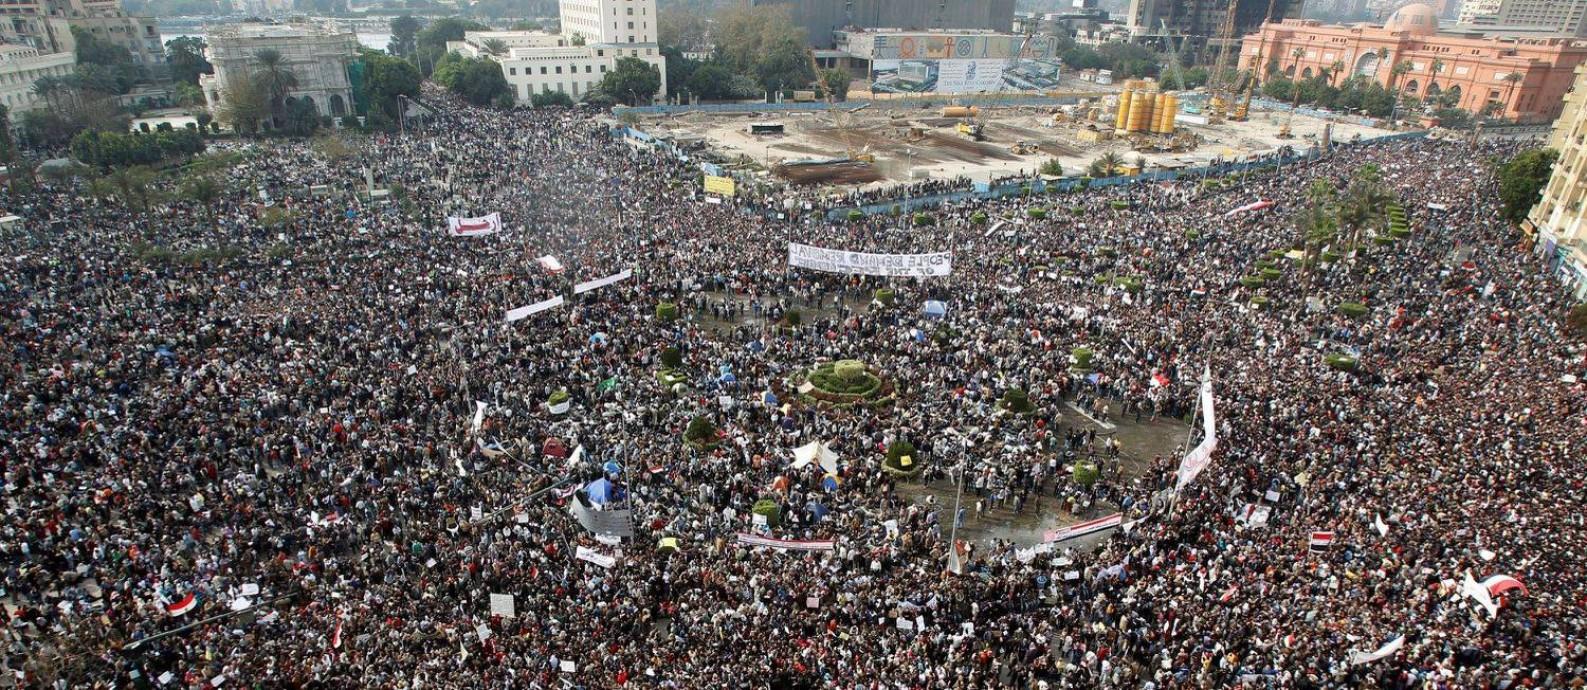 Milhares de pessoas protestam na Praça Tahrir, no Cairo, em fevereiro de 2011. Foto: Reuters